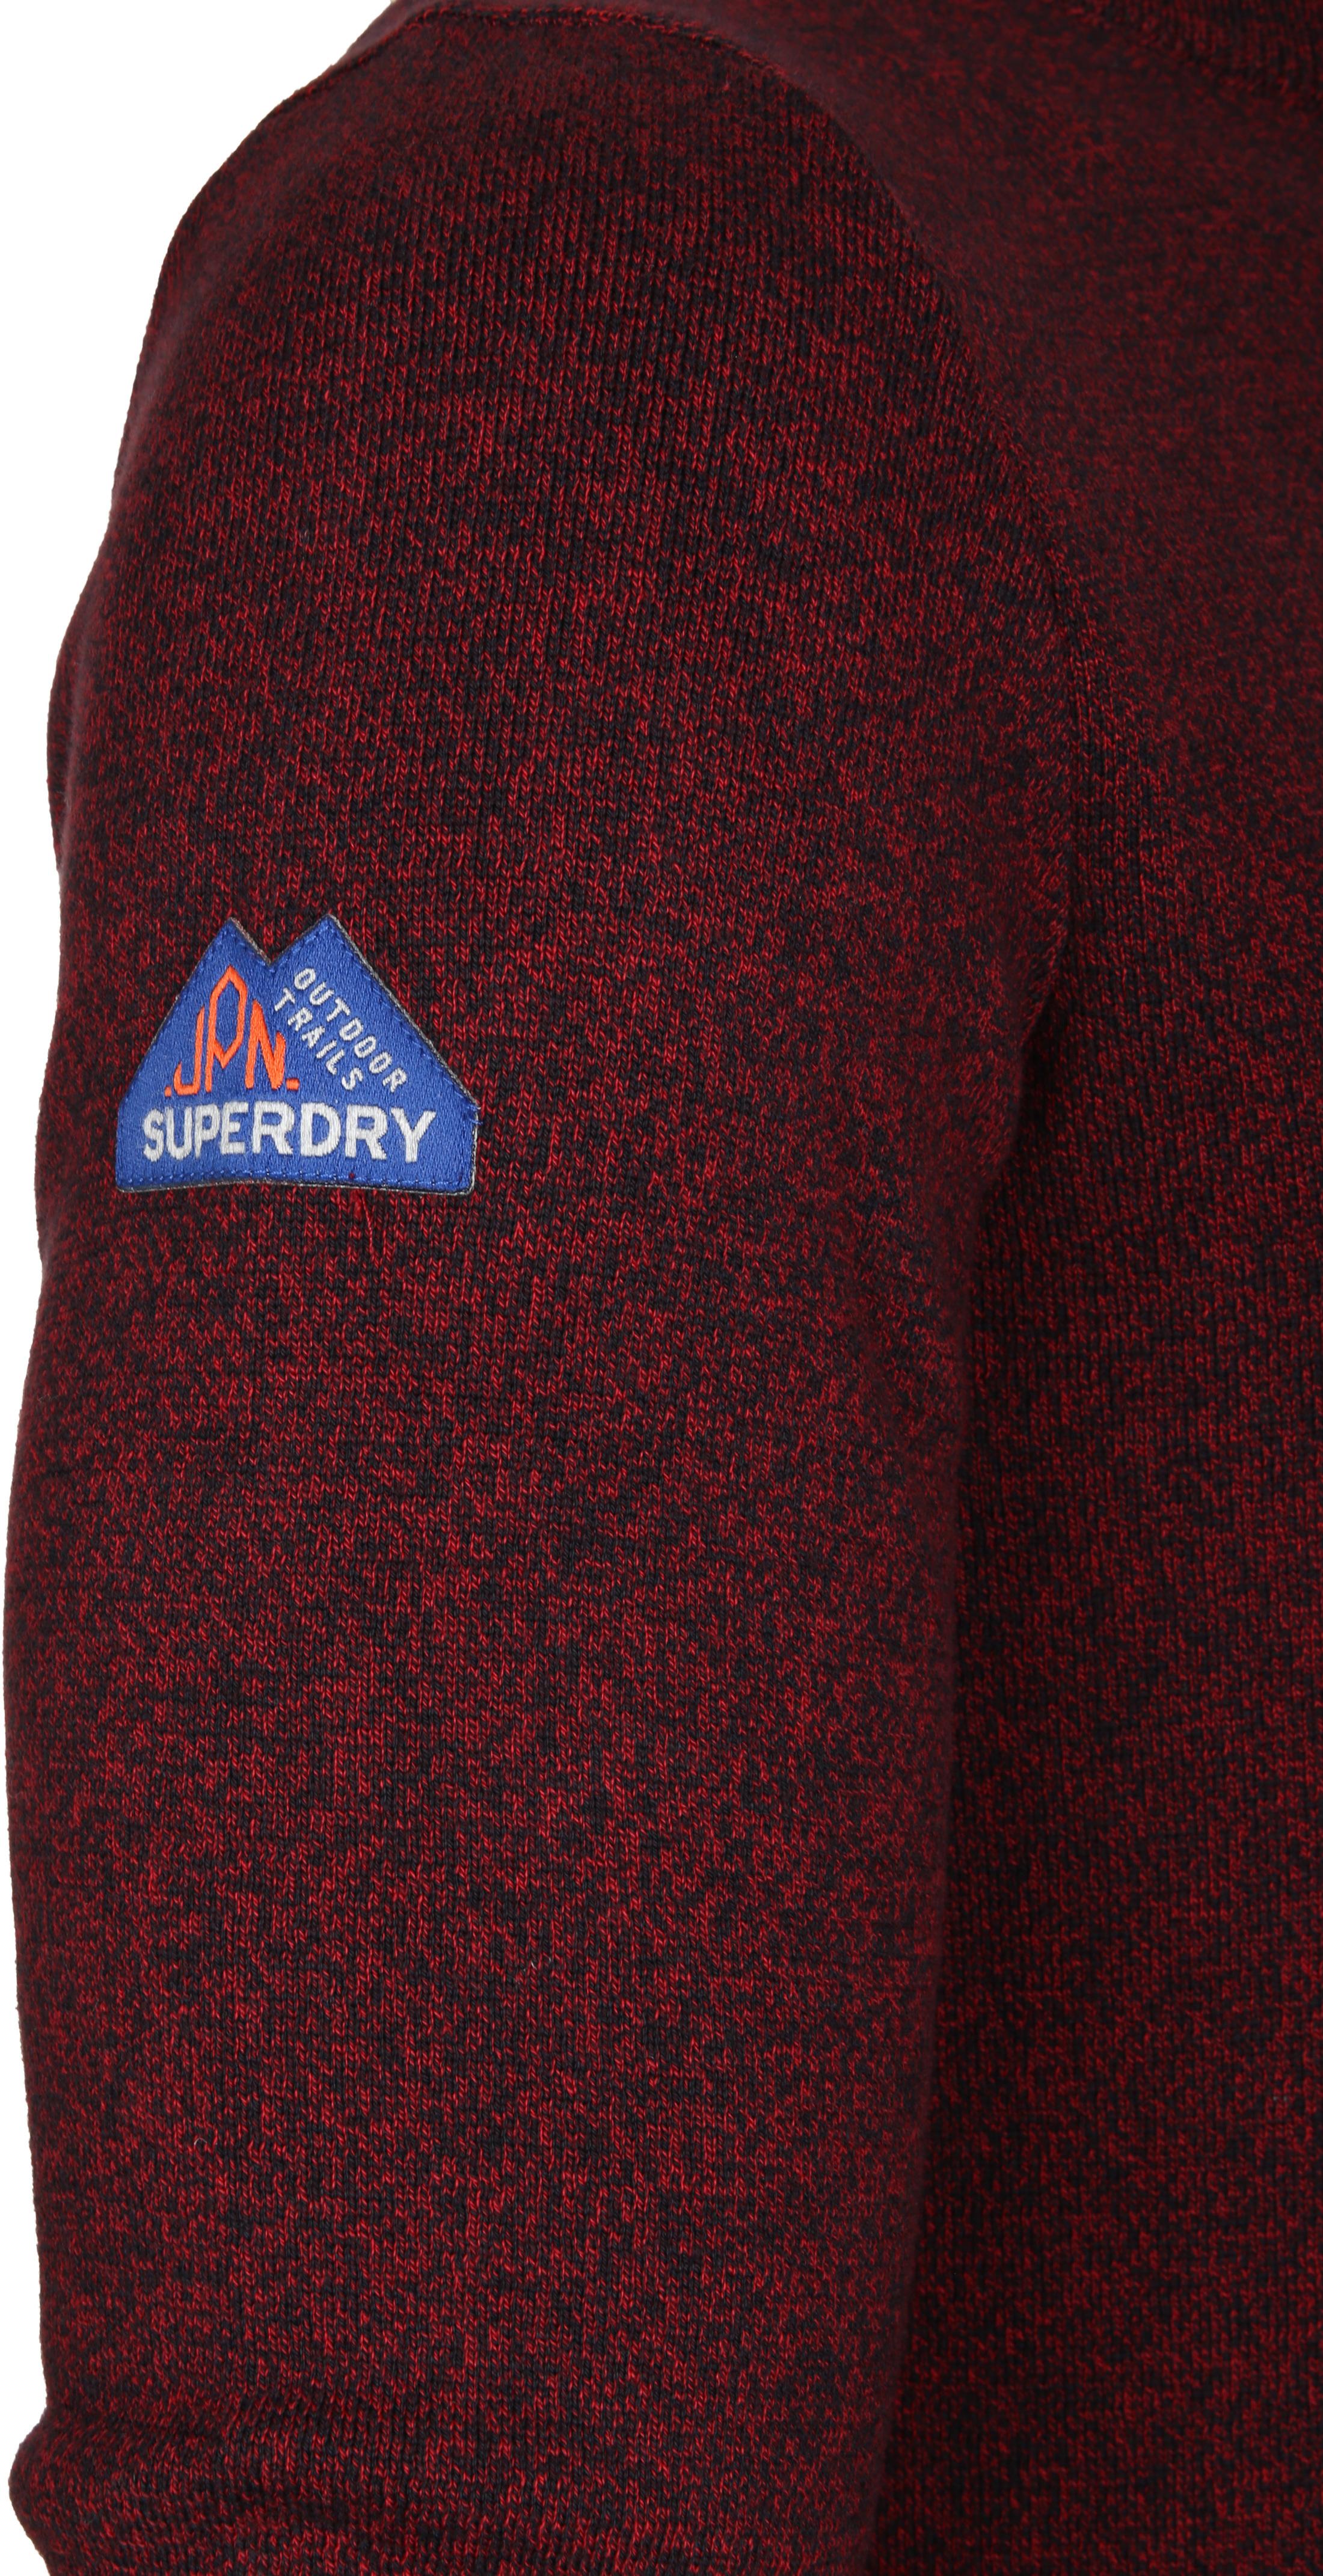 Superdry Sweater Melange Rot Reißverschluß foto 3